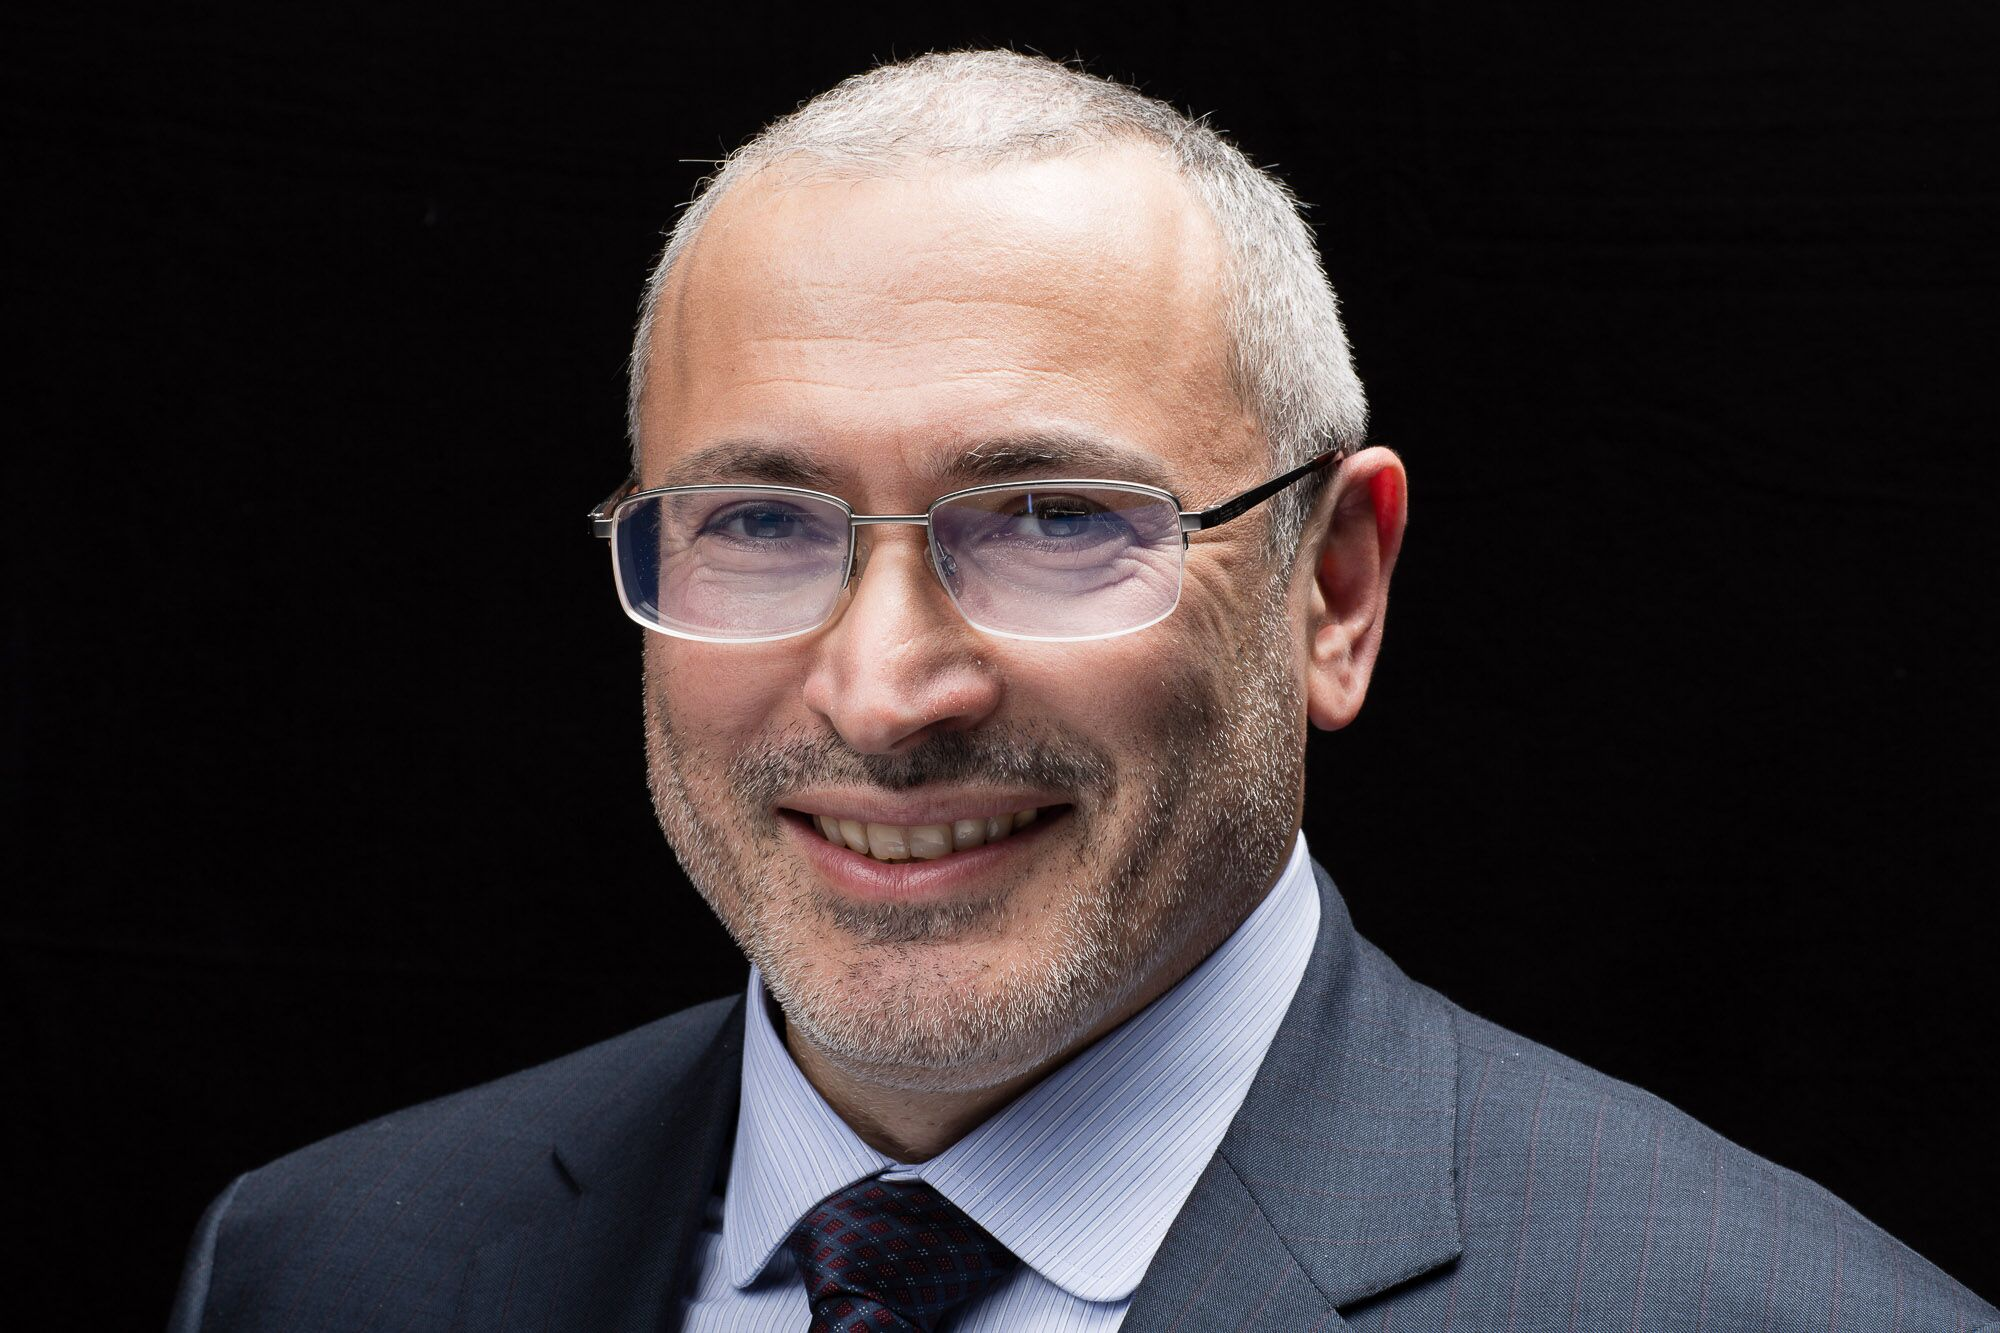 Провал неизбежен: Ходорковский решил спонсировать Соболь на выборах в Госдуму